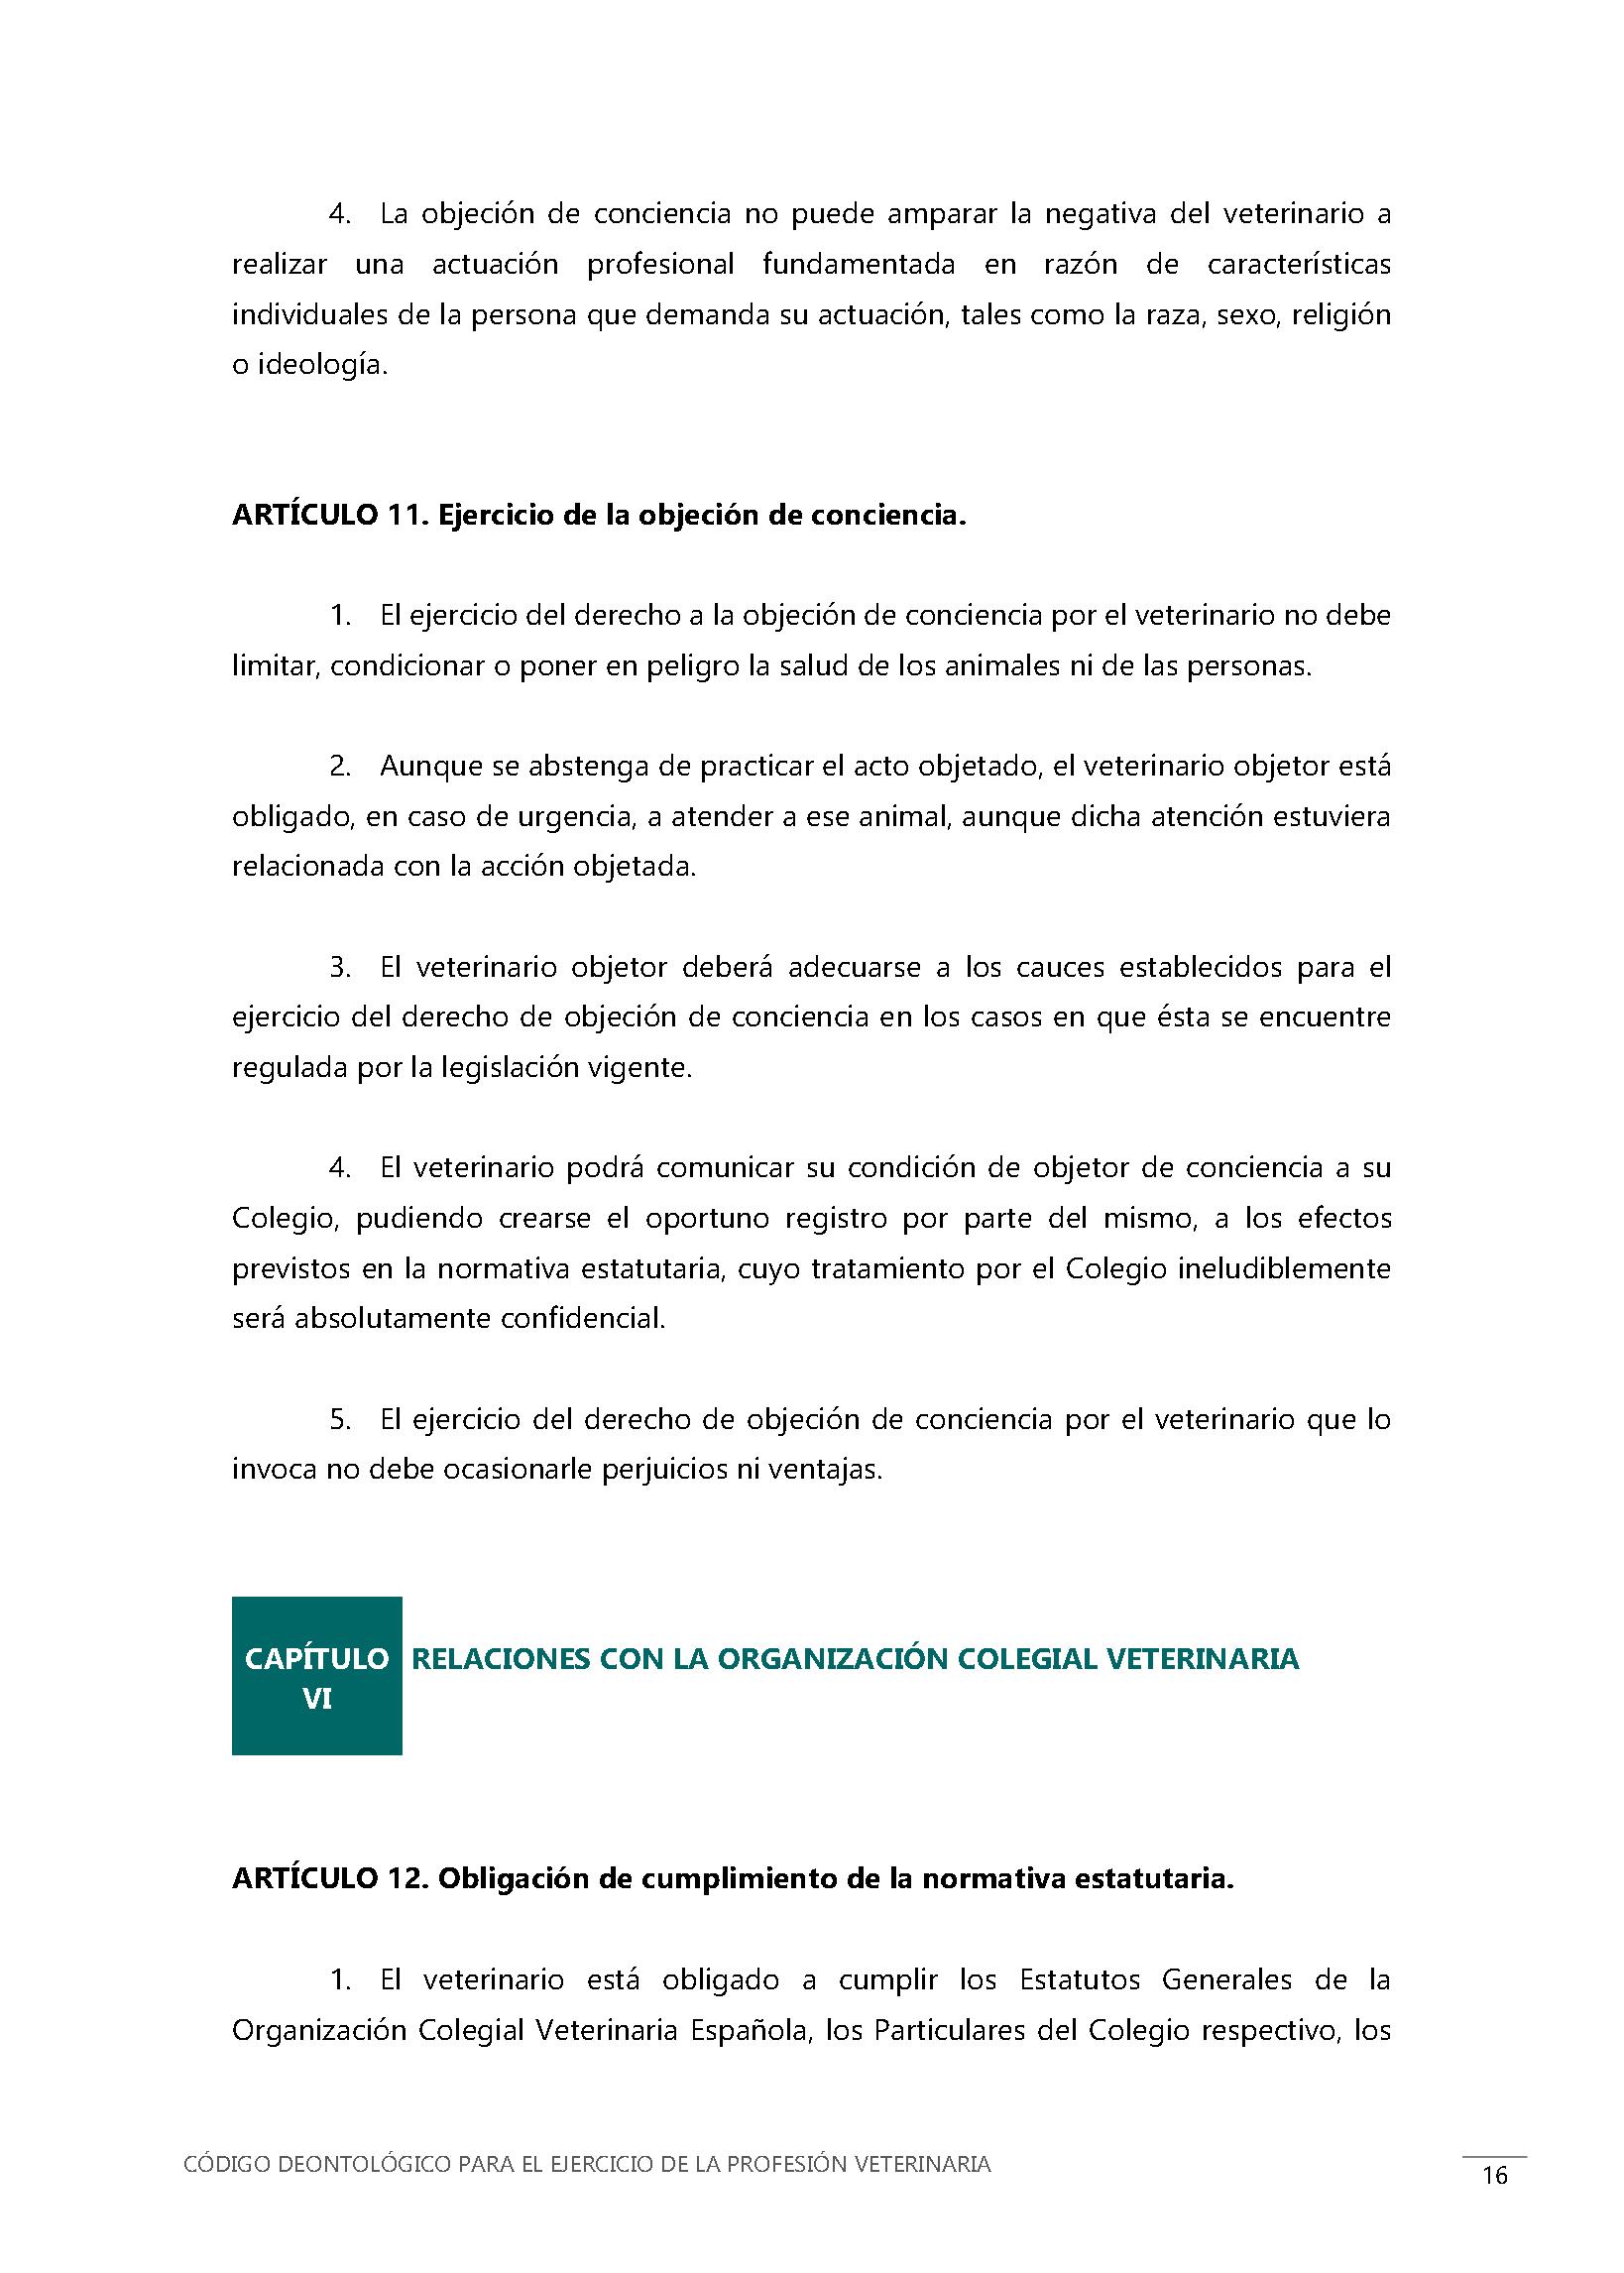 codigo deontológico dic 2018_Página_18